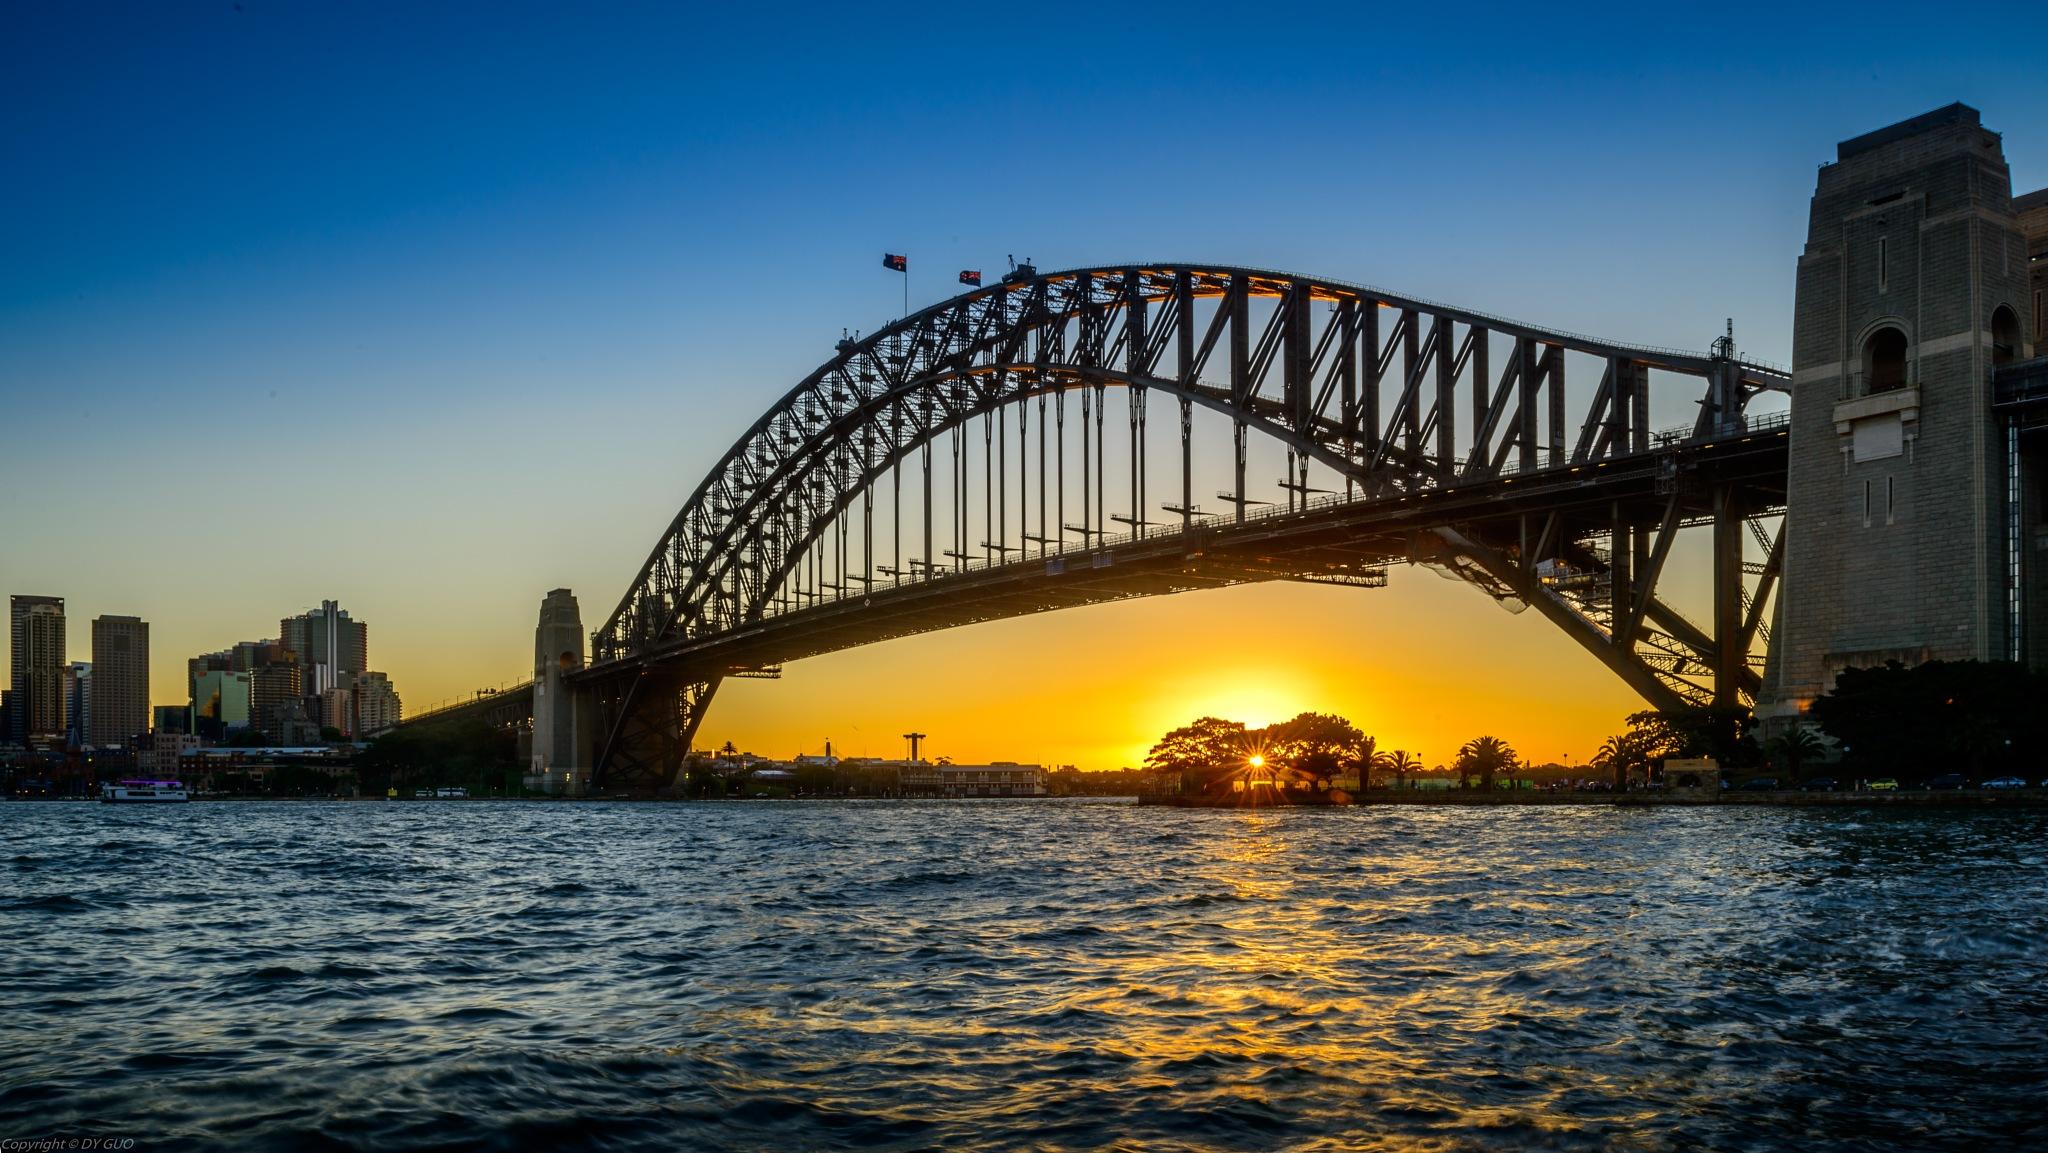 Sydney Harbor Bridge by David Guo